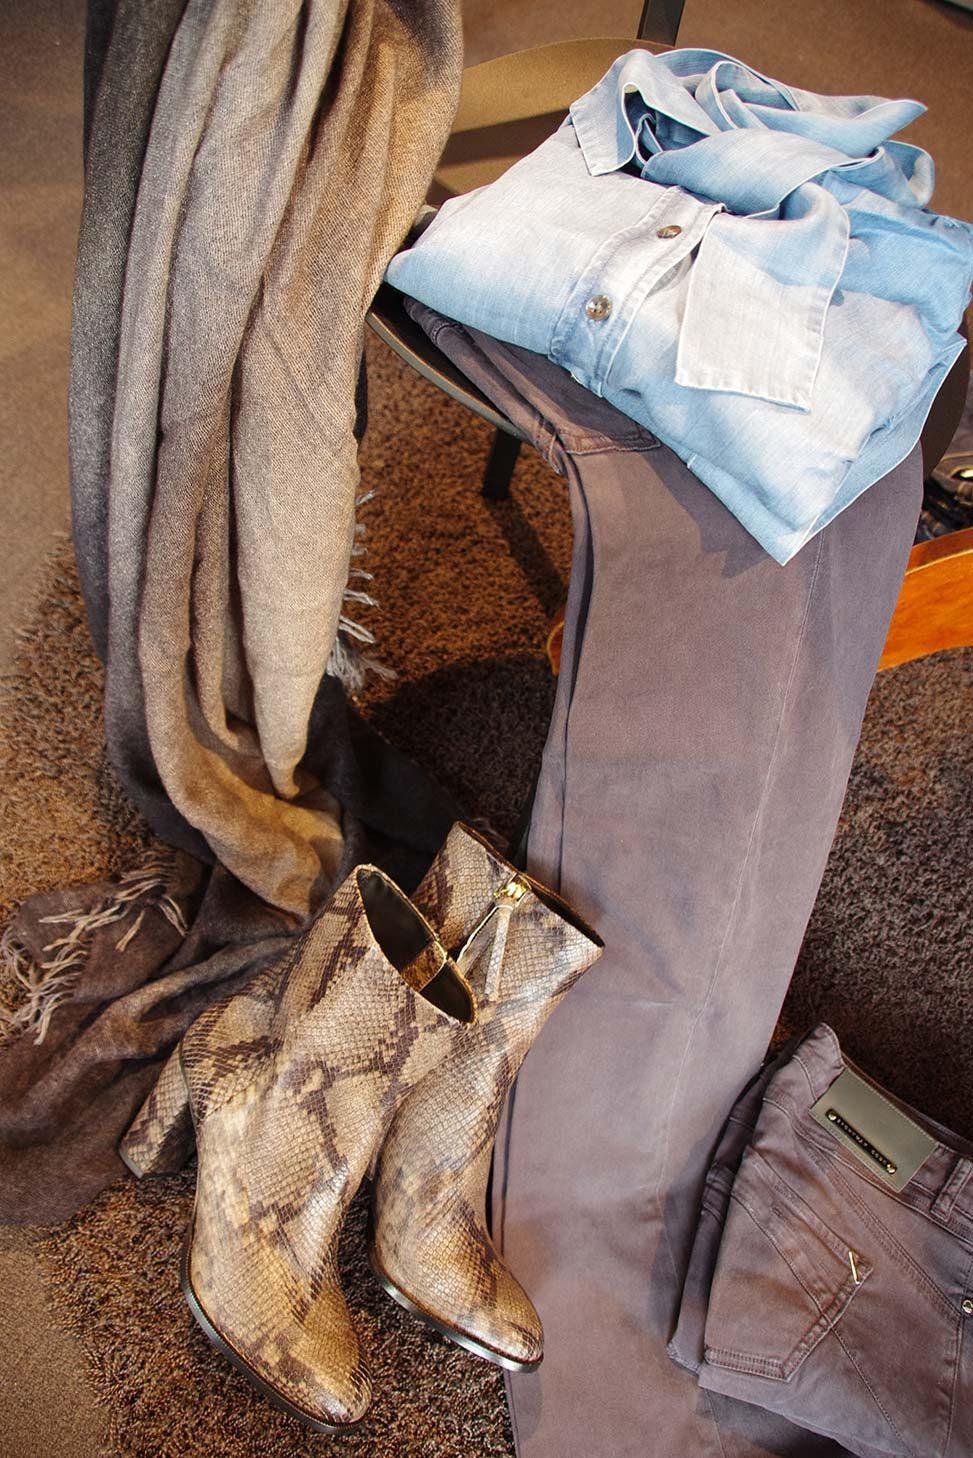 Denimschluppenbluse, Hose und Stiefelettenaus Ziegenleder mit Reptilprägung von Closed, Schal Faliero Sarti